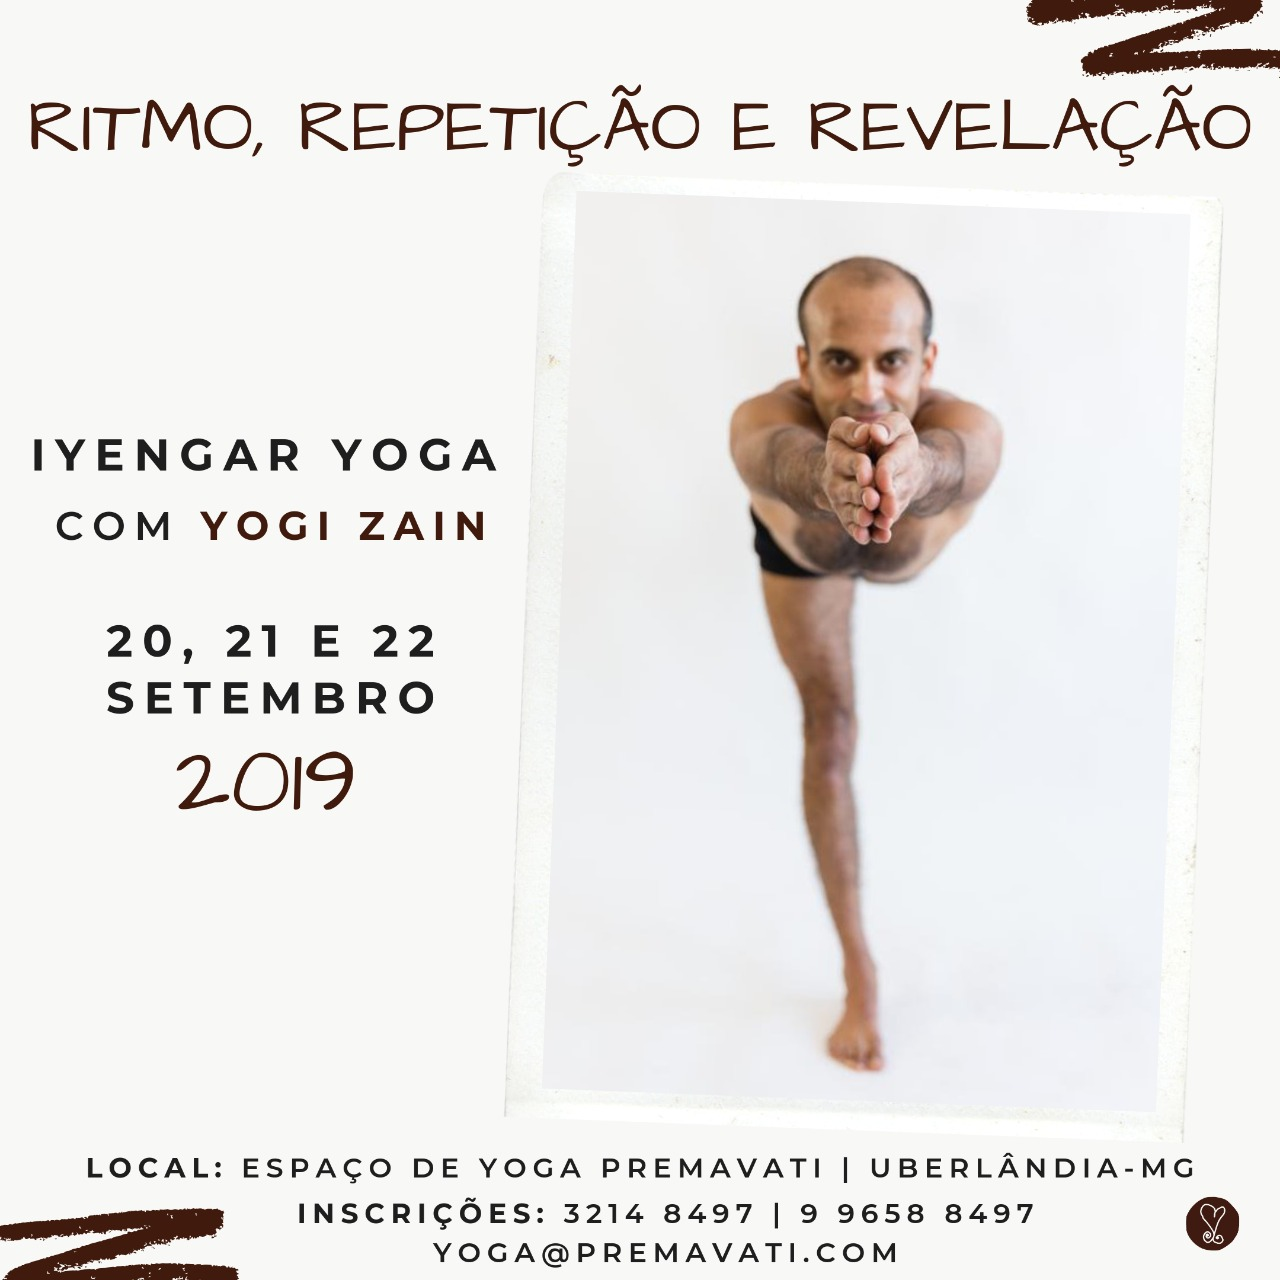 yogi-zain-virabhadrasana-uberlandia-brazil.jpeg